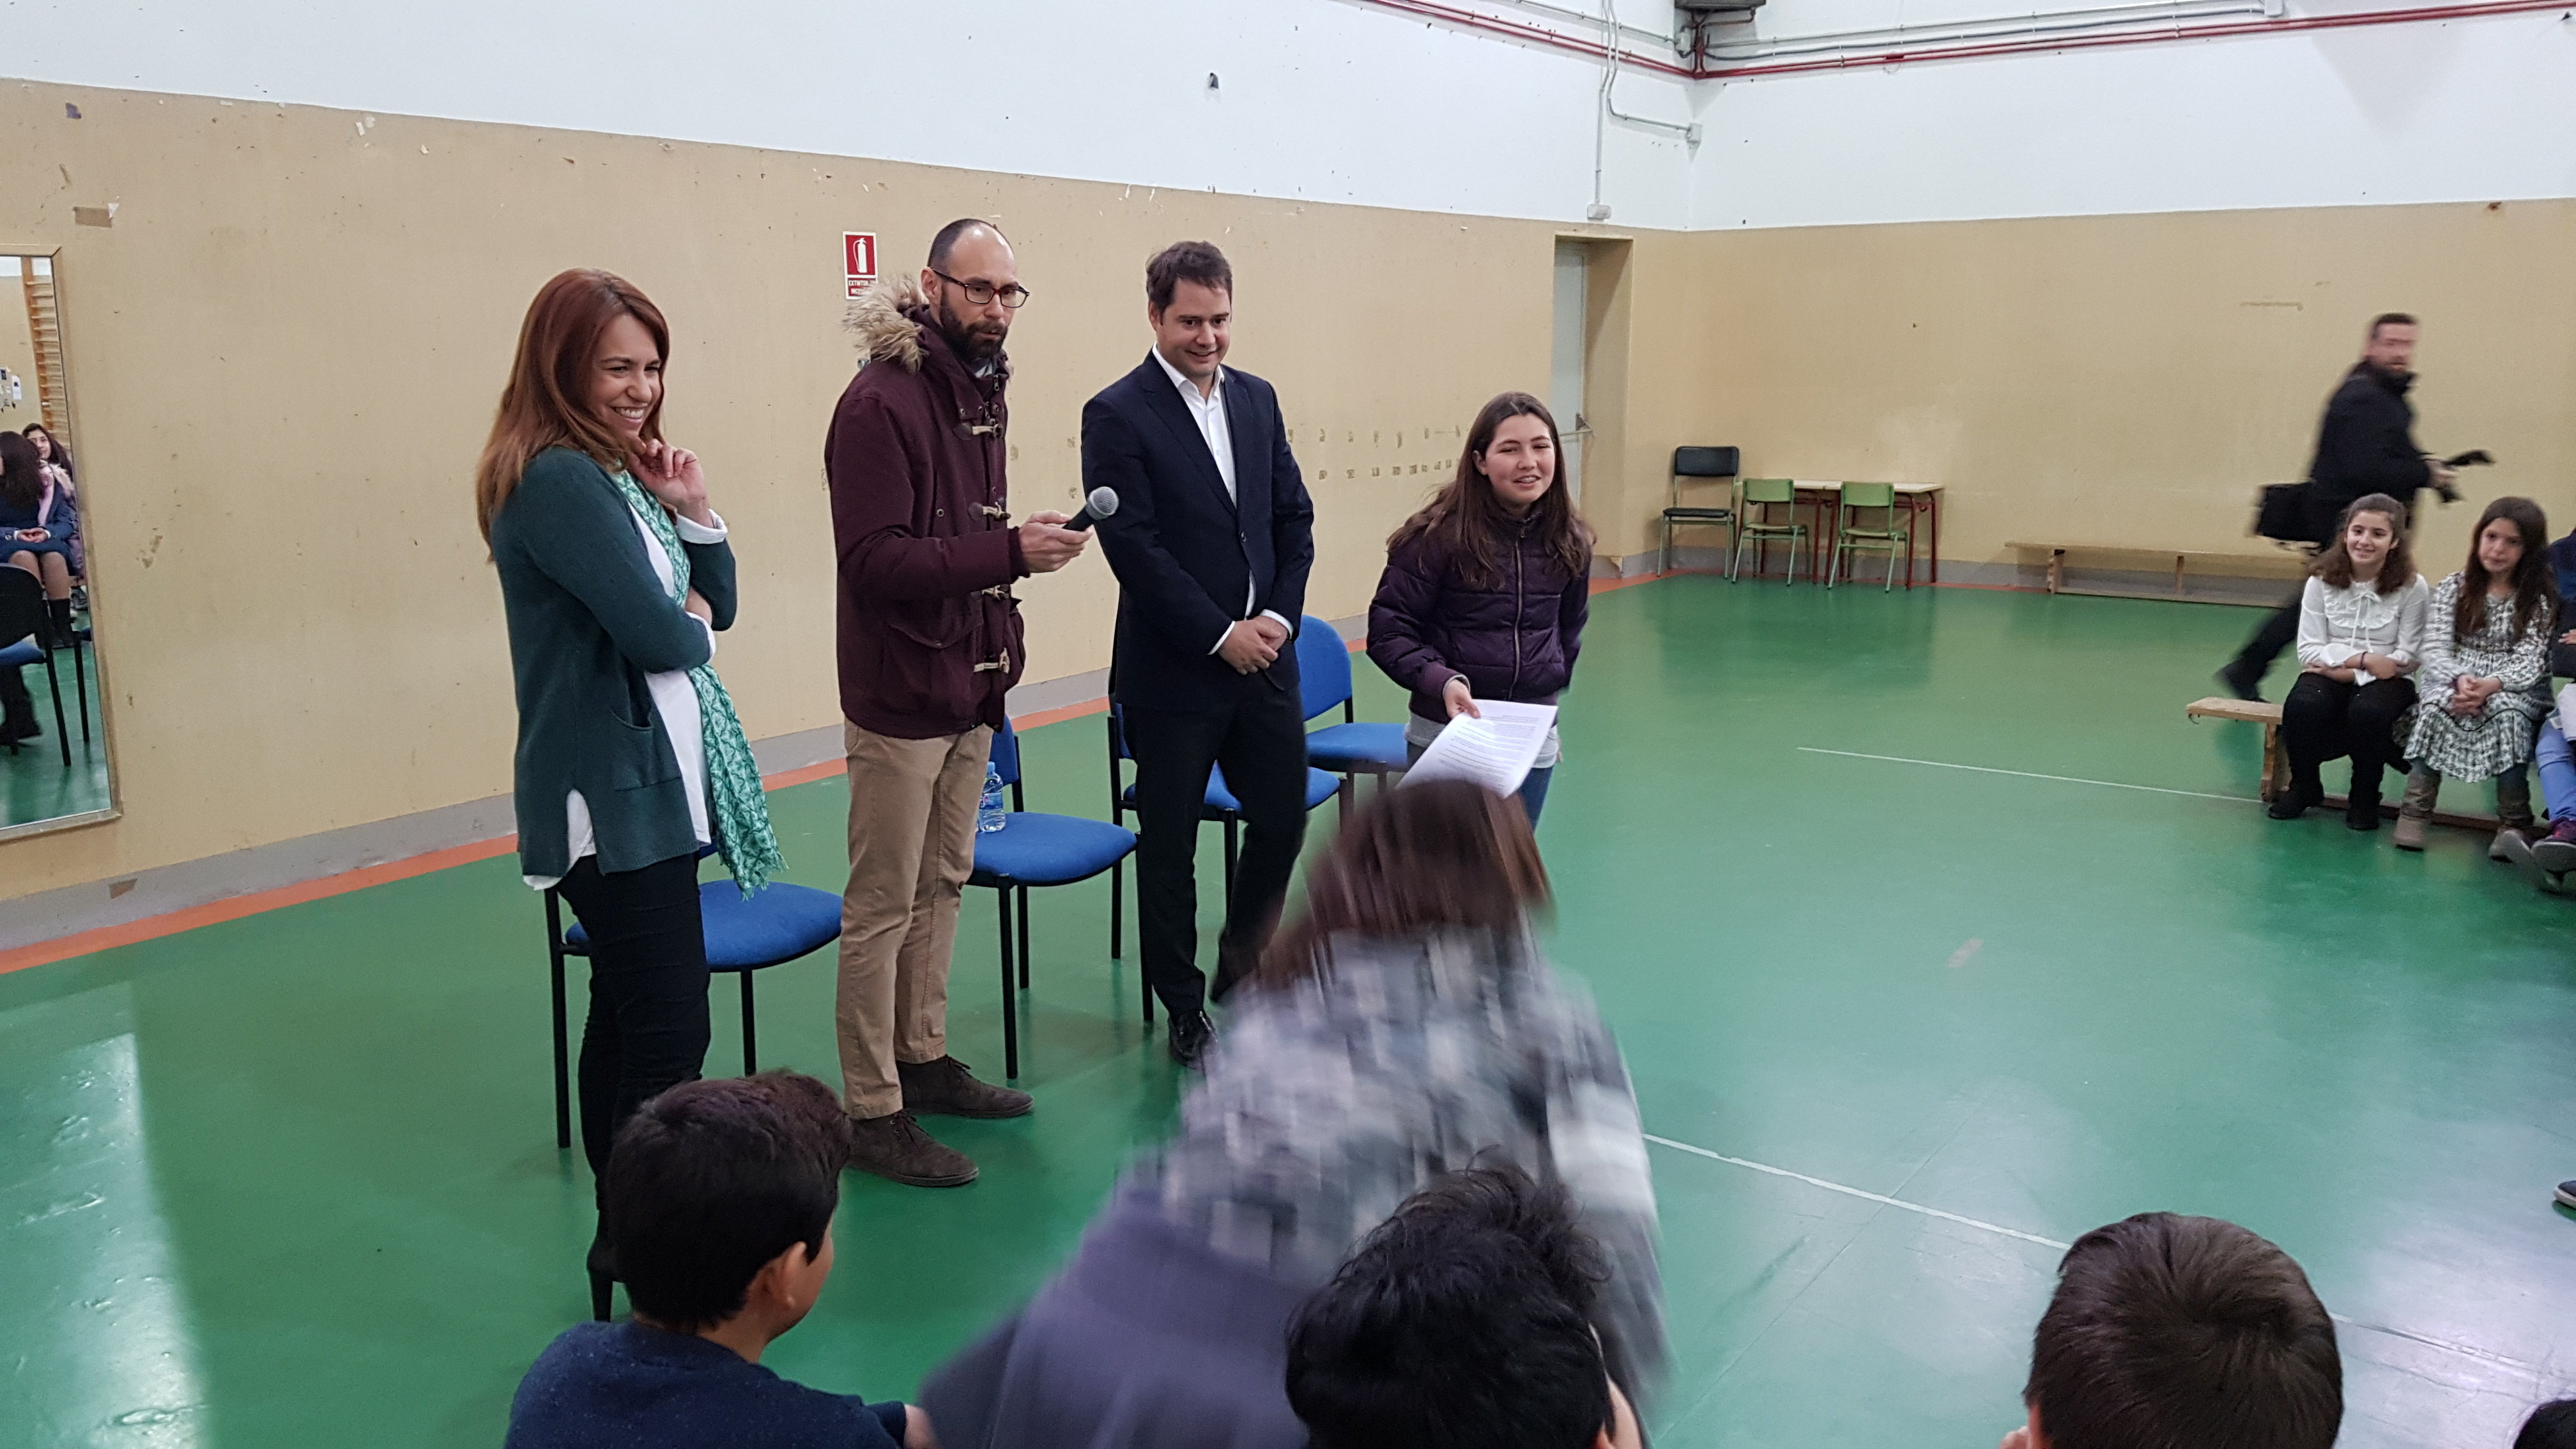 Visita del Alcalde de Torrejón de Ardoz al CEIP Andrés Segovia 3